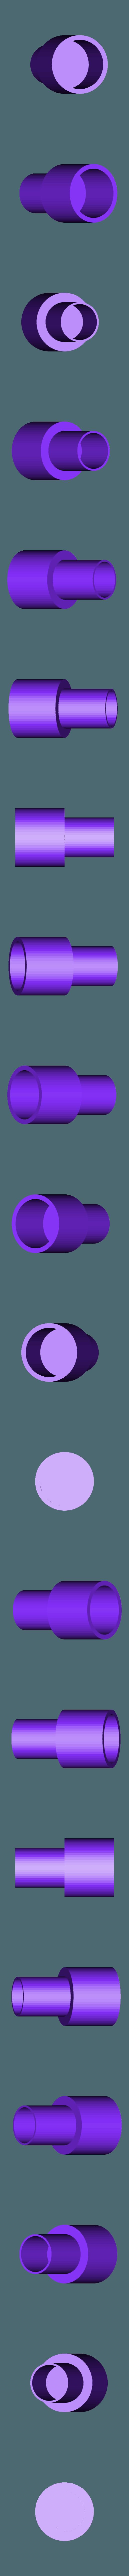 filaflex_embout.stl Download free STL file FIlaflex adapter for Prusa i3 Hephestos • Design to 3D print, touchthebitum